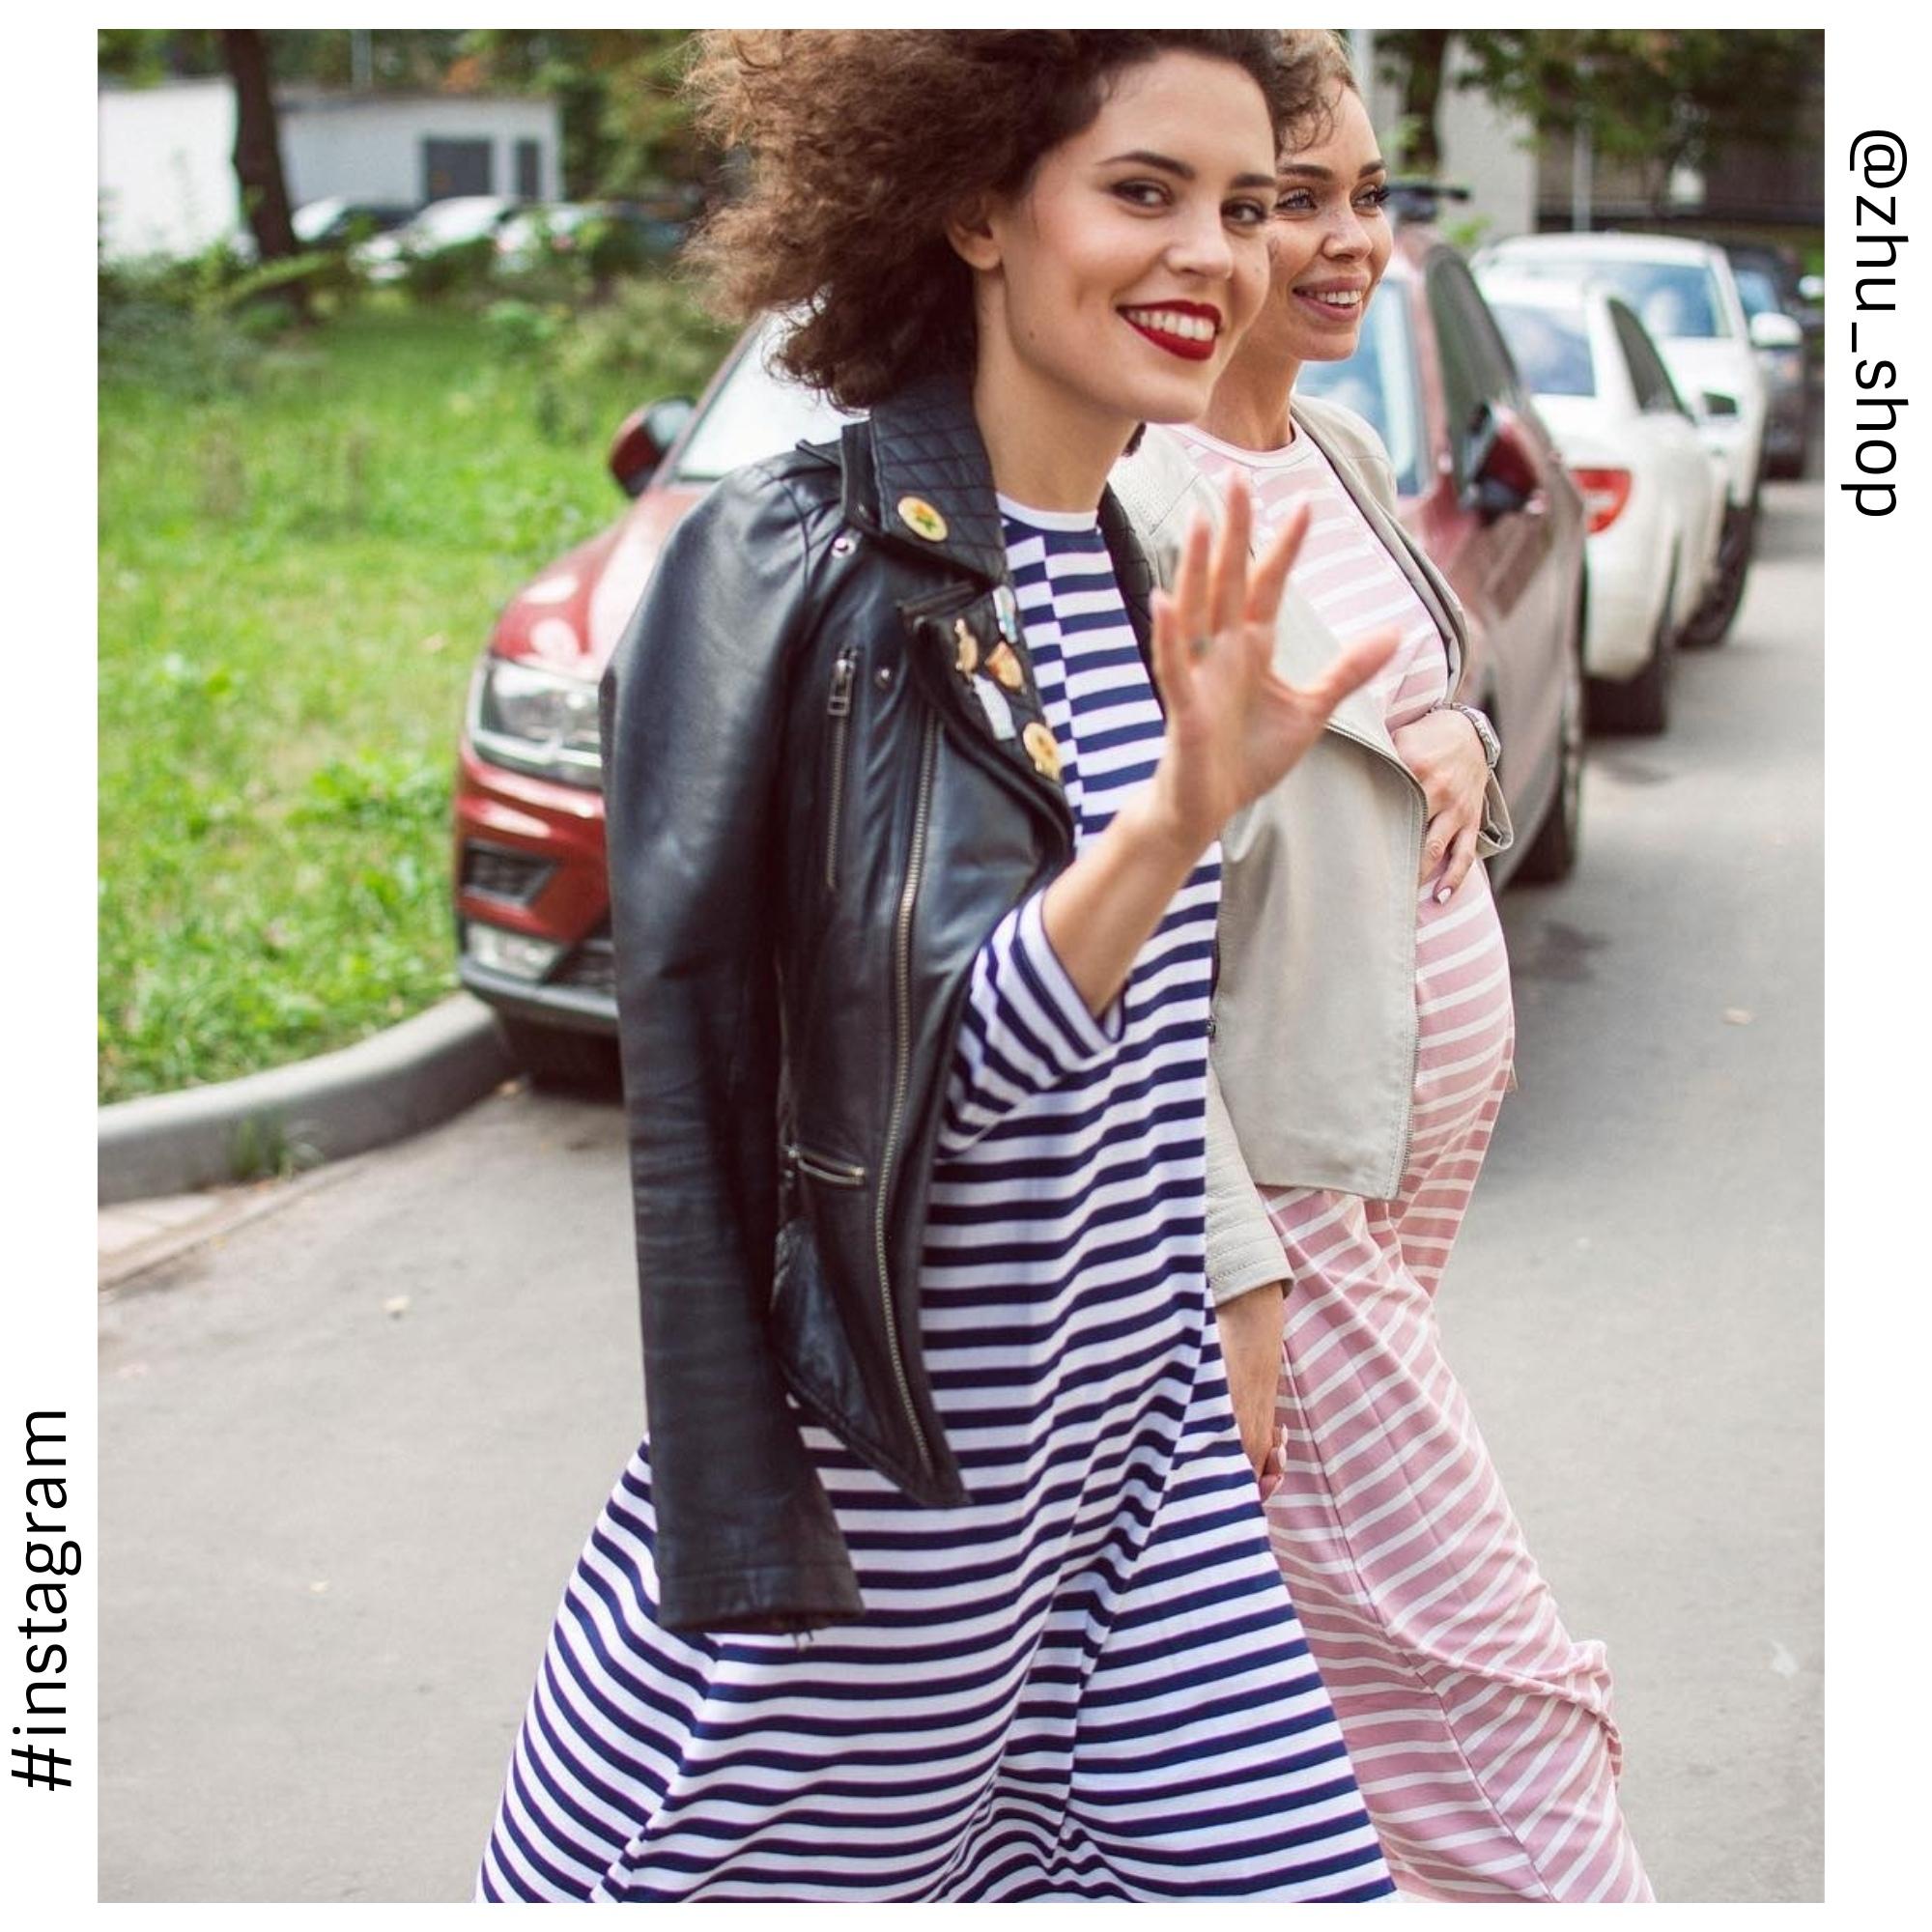 b337d382e62c Волшебное время: что носить и где покупать одежду для беременных в ...